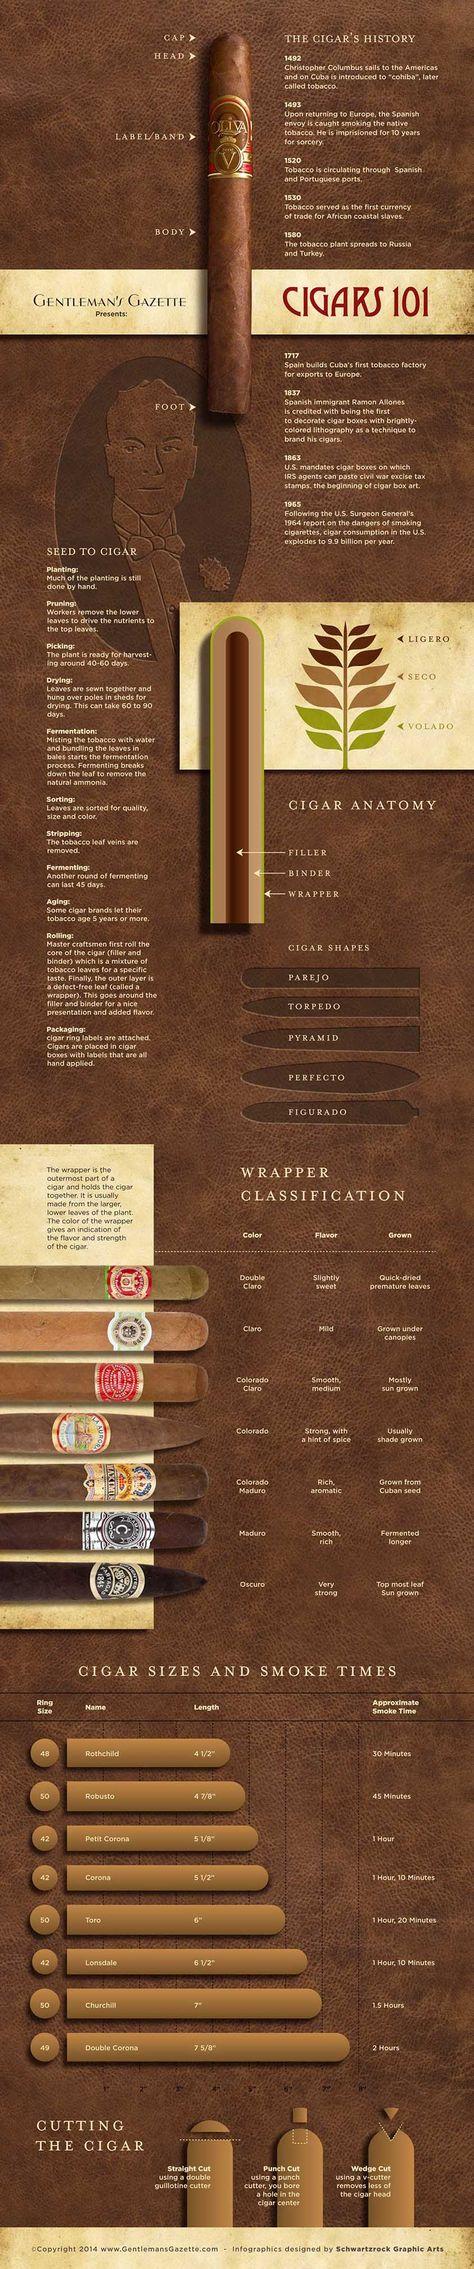 Cigars 101 Infographic by Gentleman's Gazette & Schwartzrock Graphic Arts